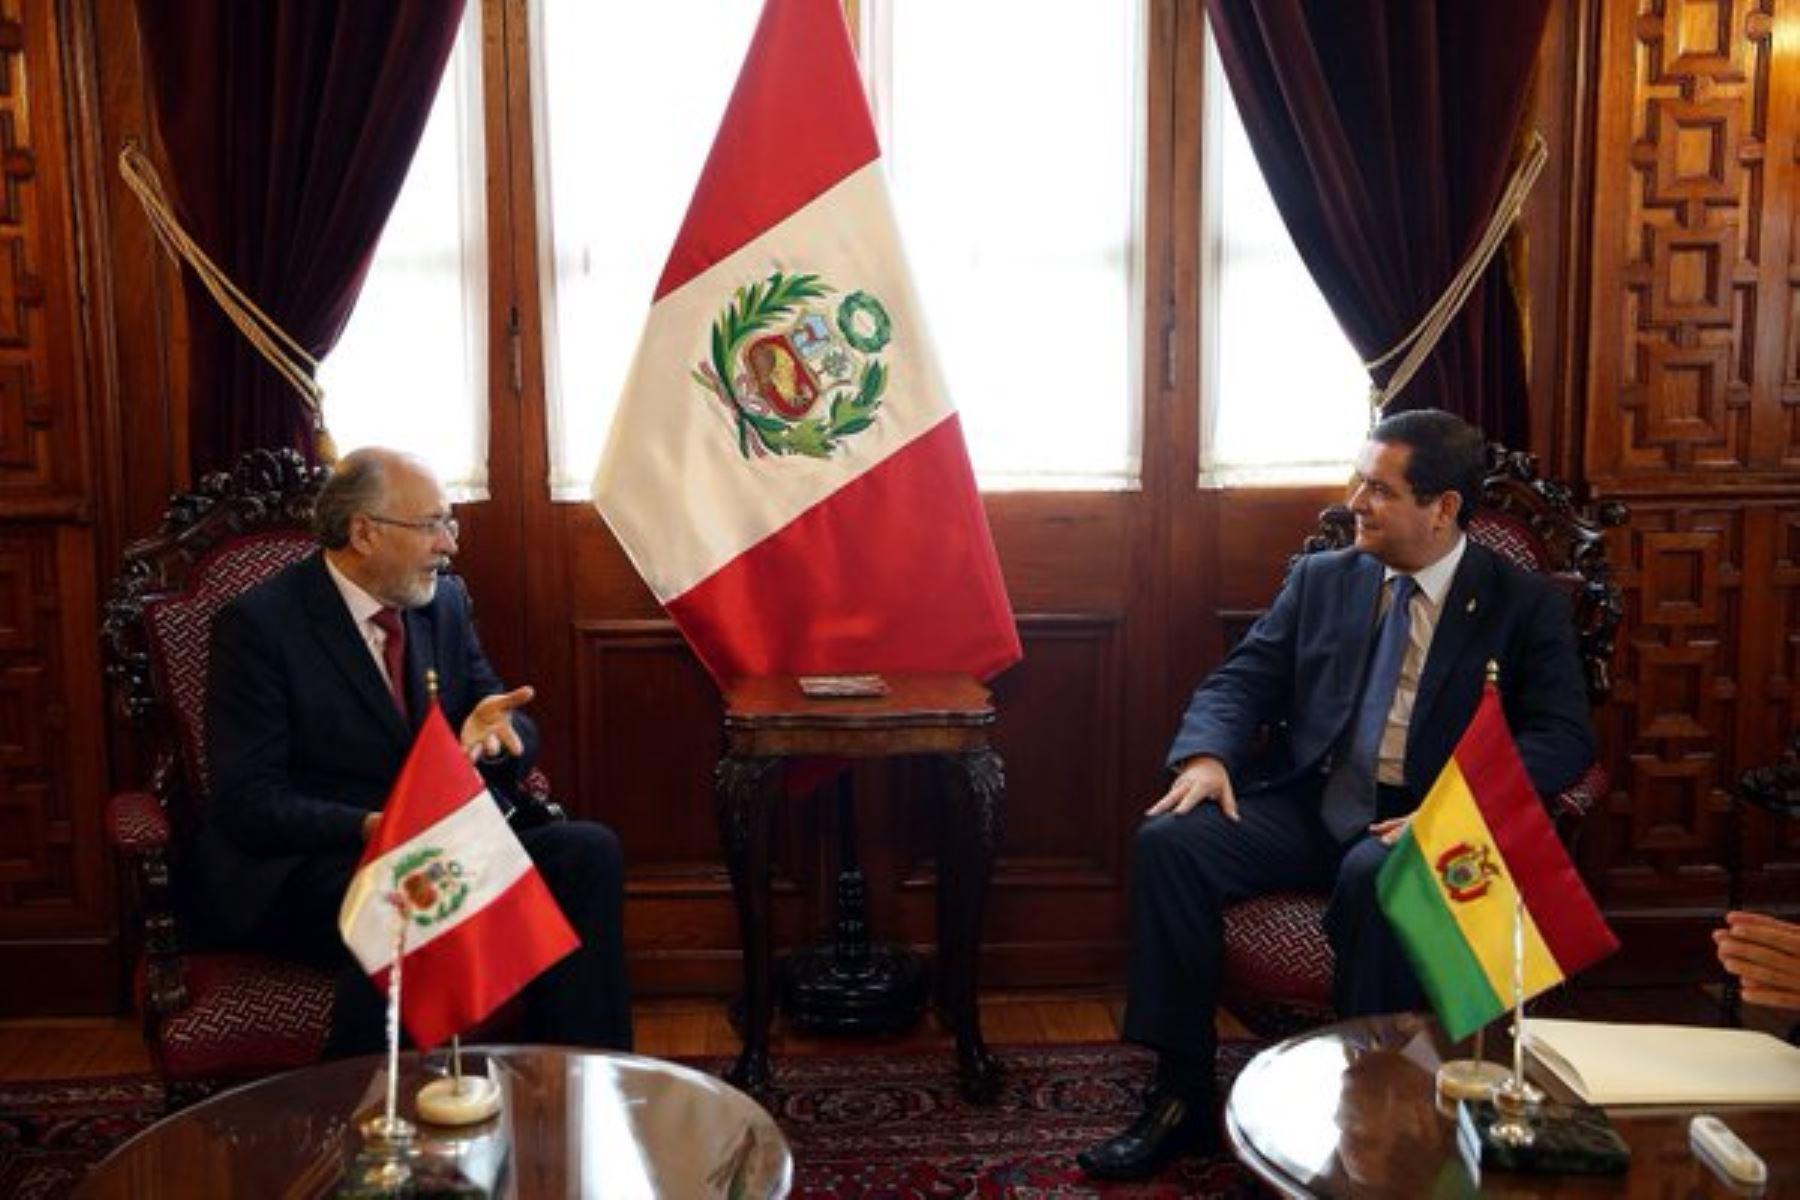 Reunión entre presidente del Congreso, Luis Iberico, y embajador de Bolivia en Lima, Gustavo Rodríguez. Foto: Congreso.